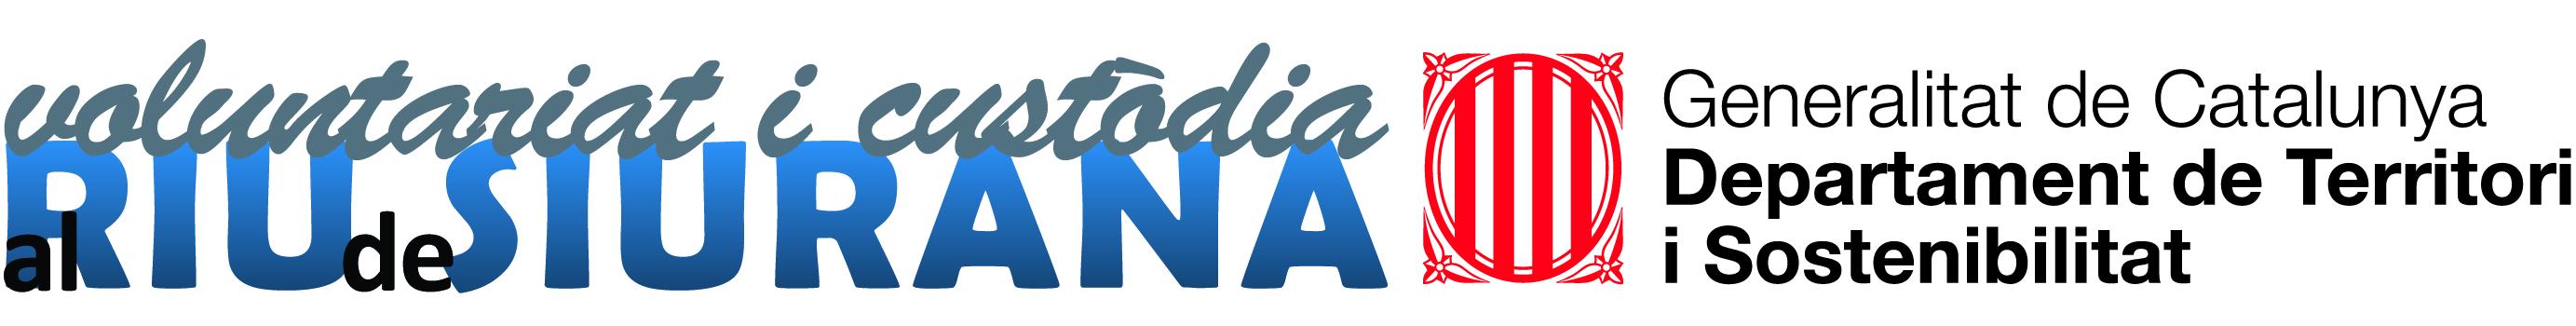 logo-vcsiurana-tes-copy